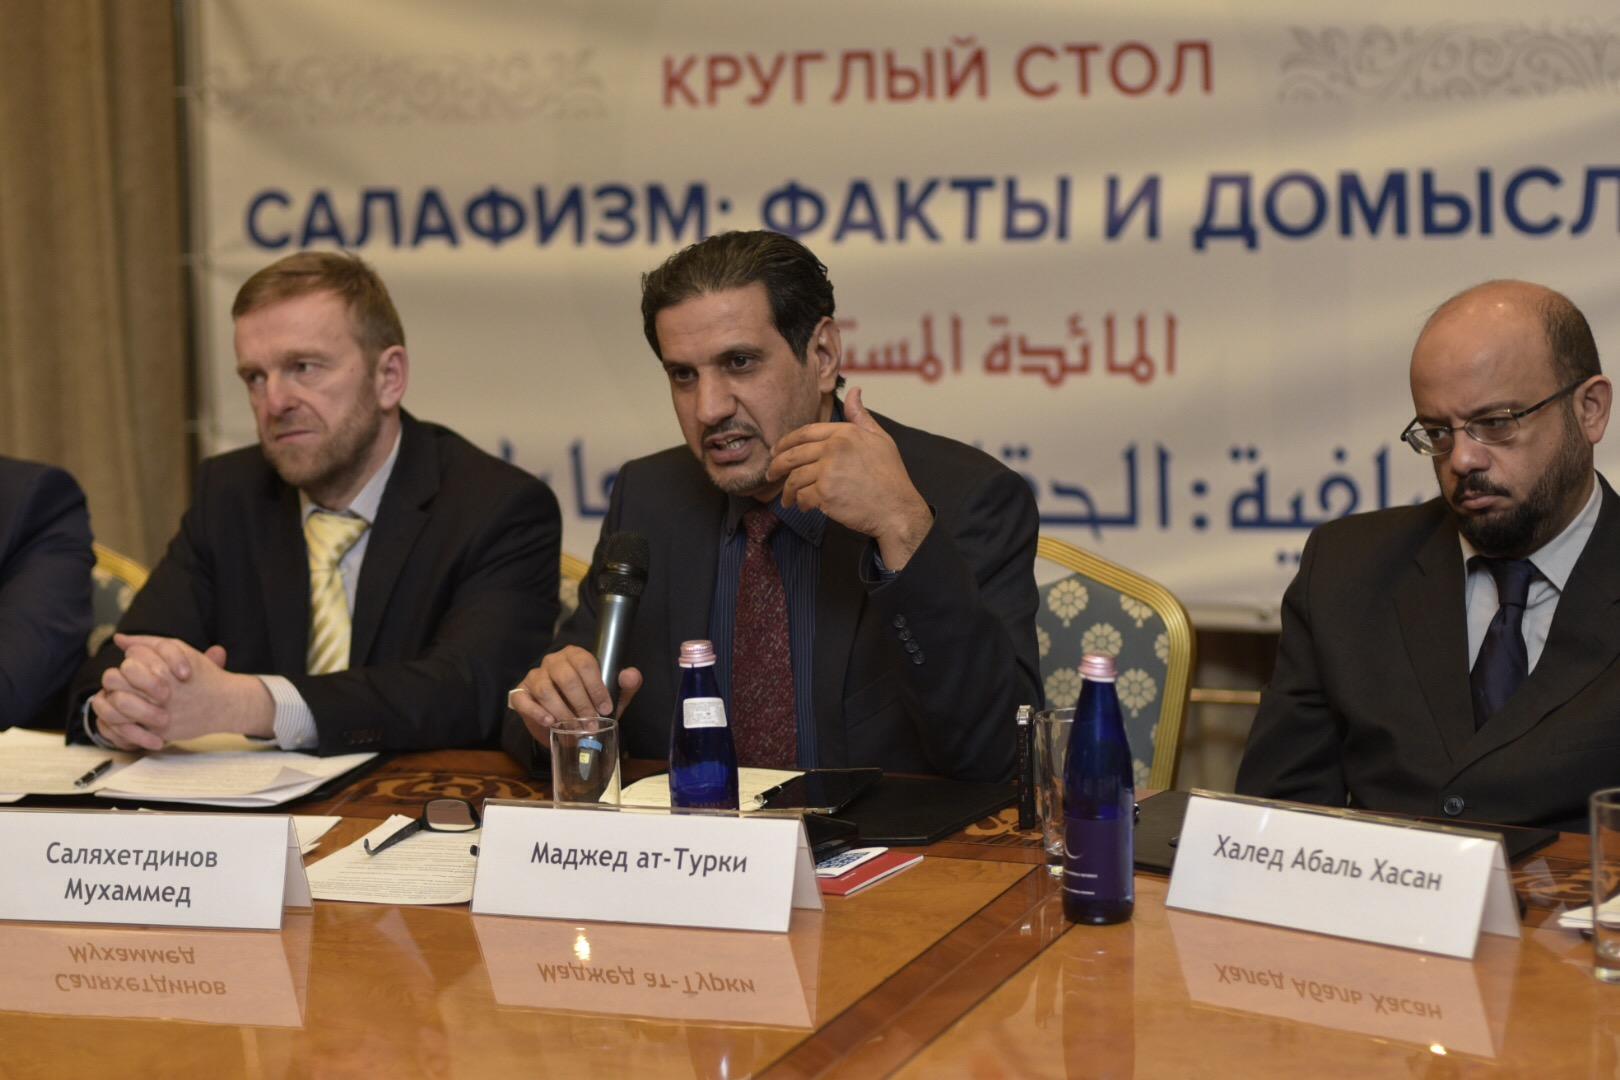 В Москве обсудили факты и домыслы о салафизме (ВИДЕО)